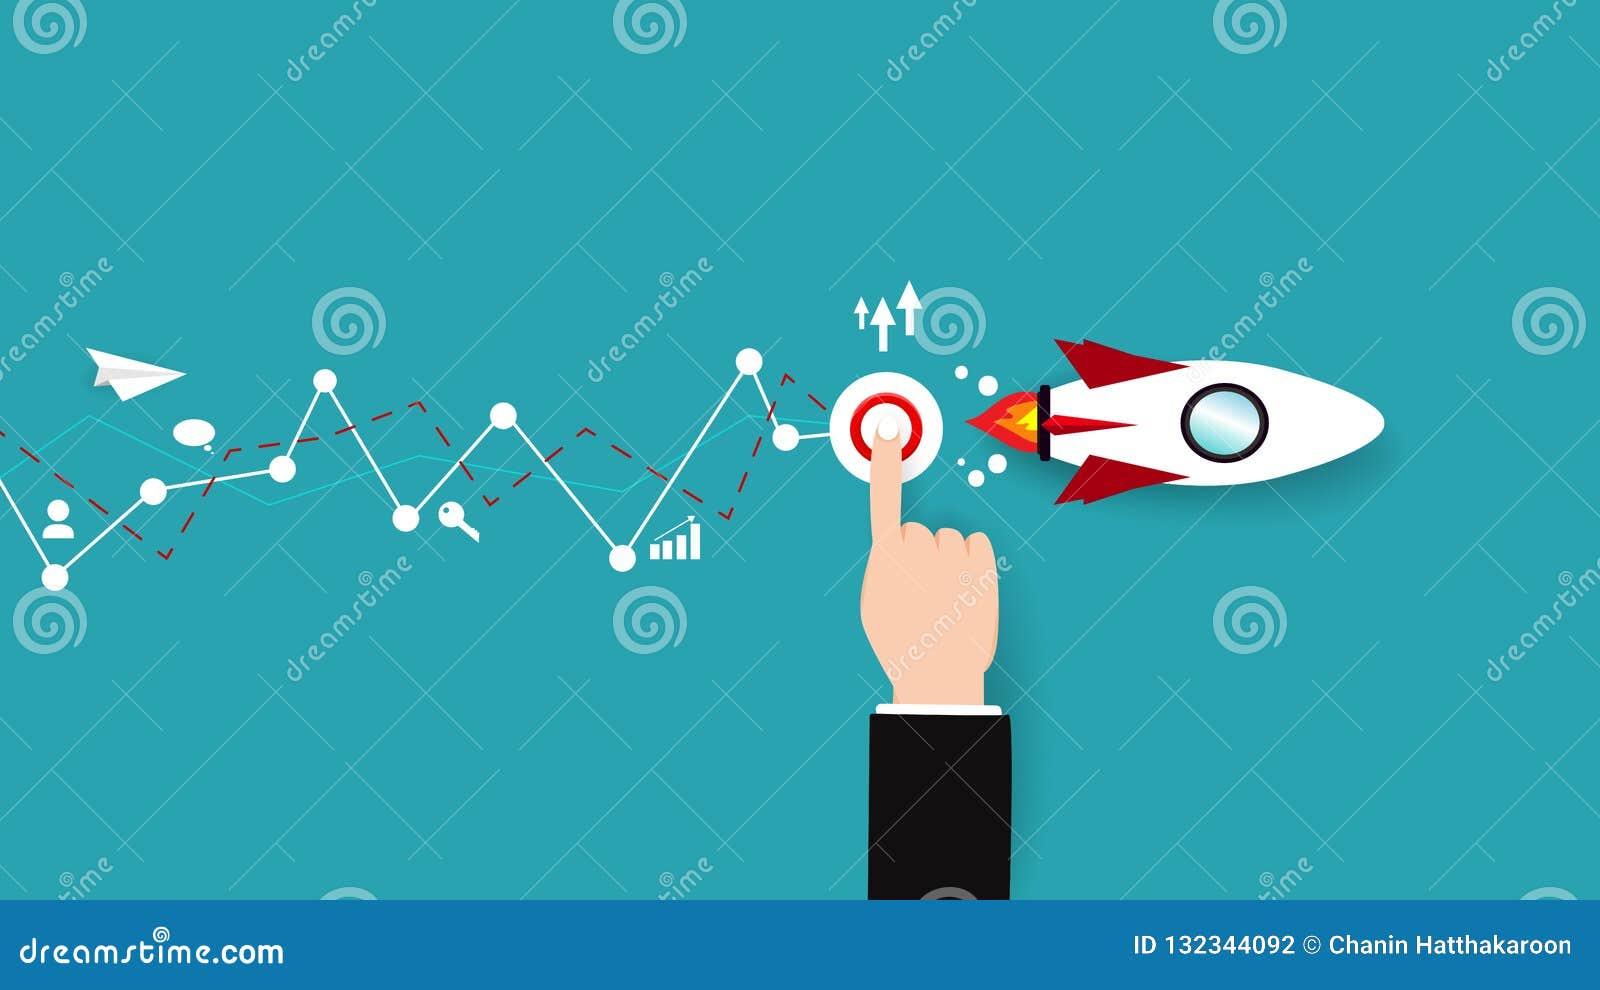 企业传染媒介,有迅速上升的按钮助推器的纸飞机,平展